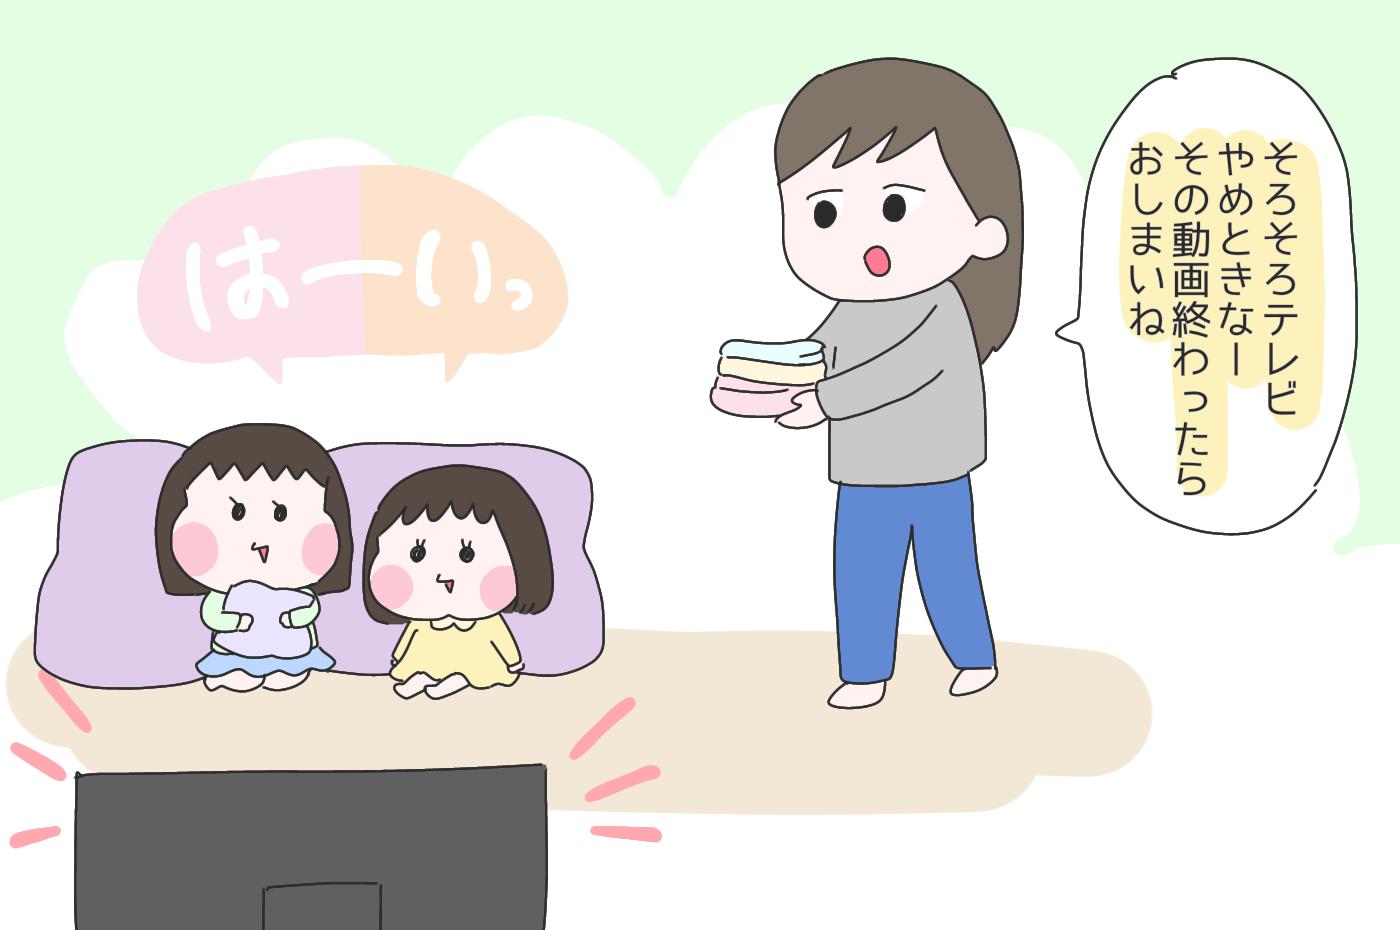 「おしまい」と言われるまでテレビを見続ける子どもたち わが家が導入した視聴ルール!